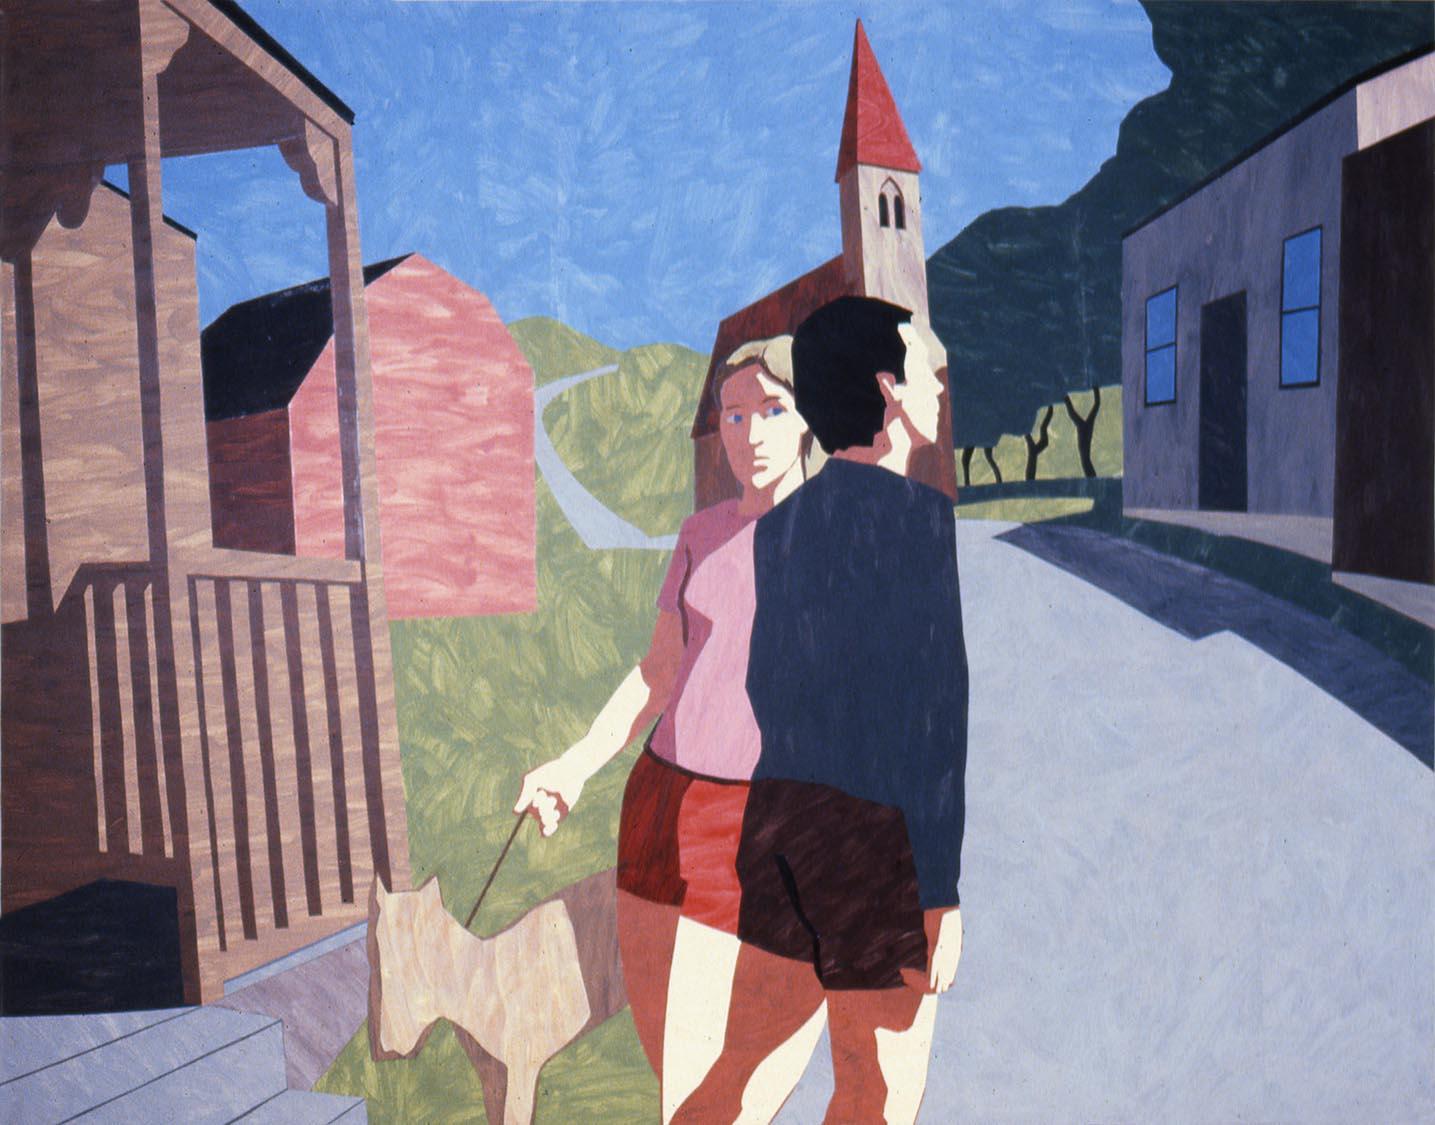 Anne et Joachim (Anne and Joachim), 1982